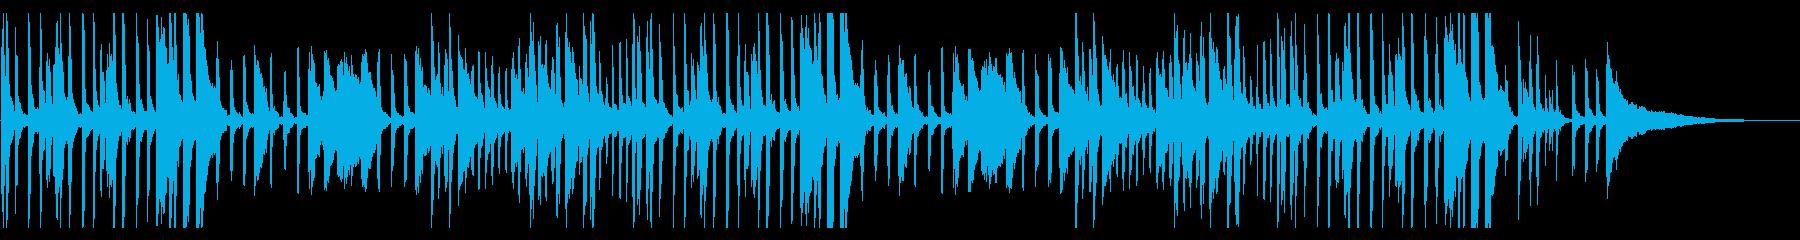 アンニュイ・アドリブ風・ジャズ・ピアノの再生済みの波形